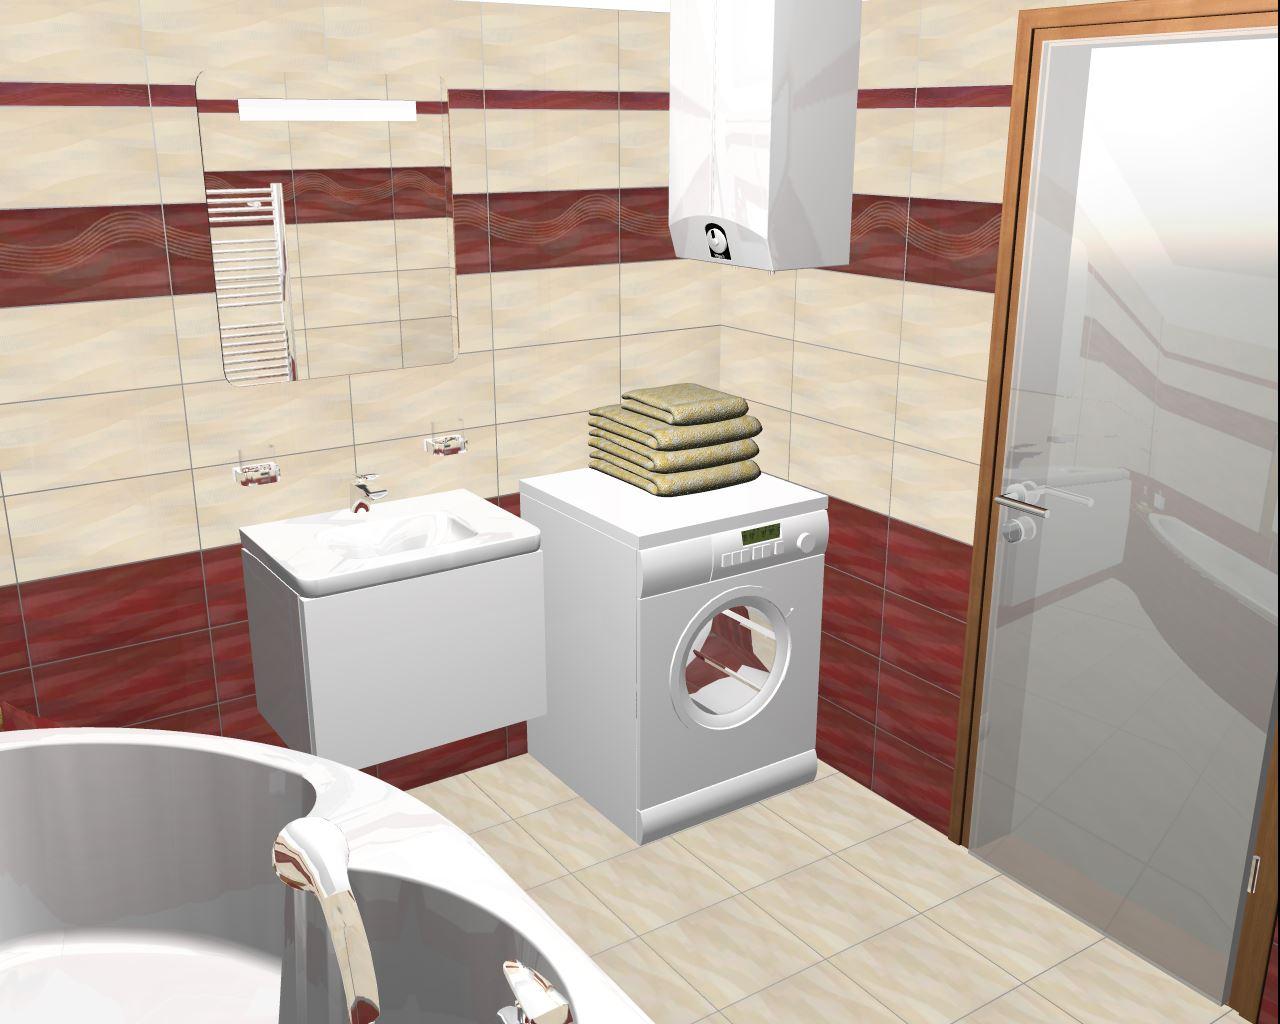 Projekt naší koupelny :) - Obrázek č. 2